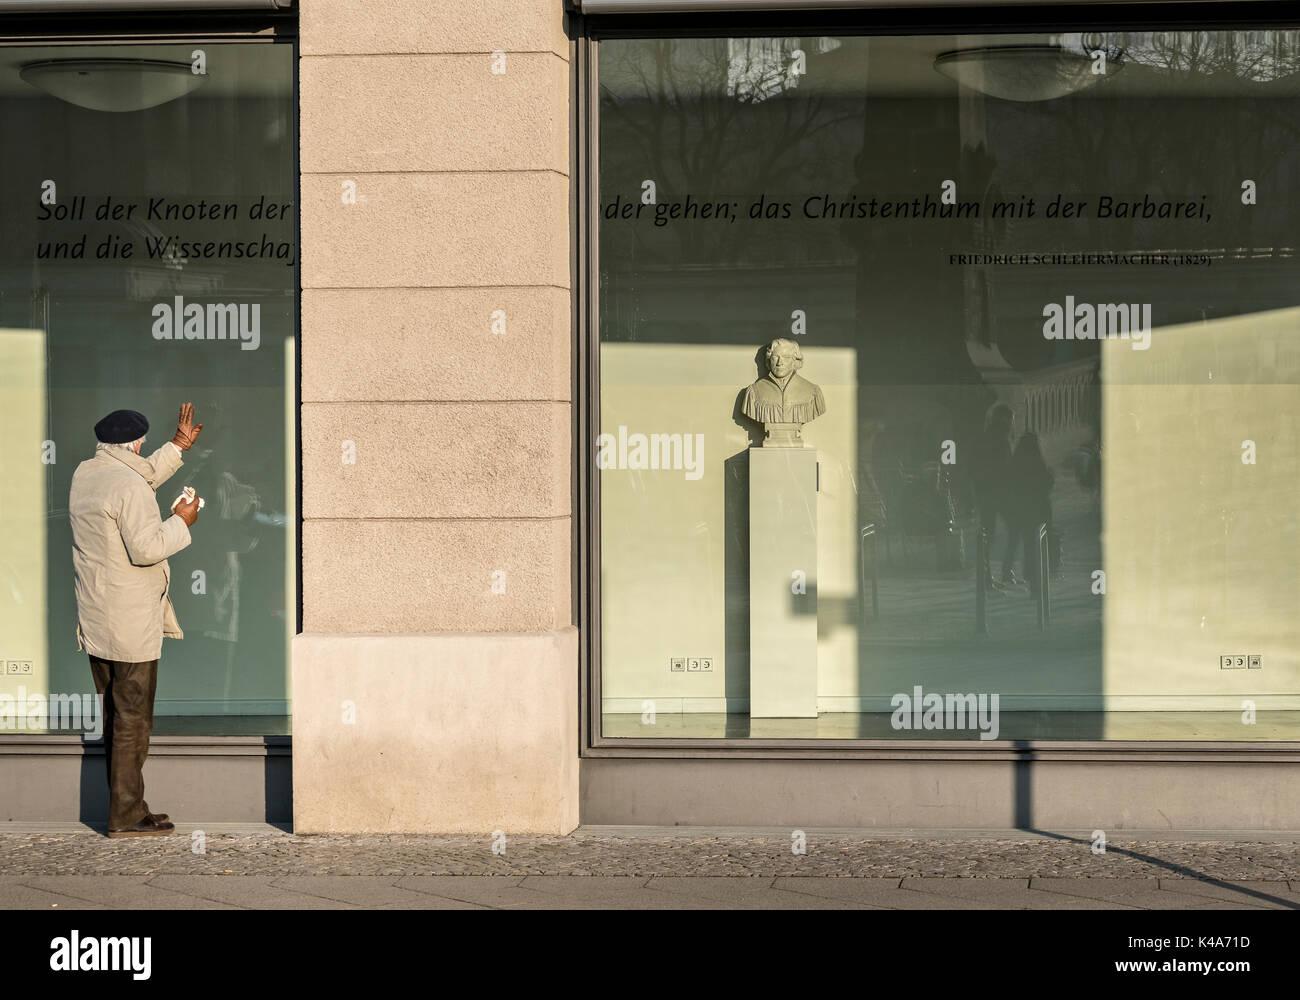 Im Shop Wondow Stockbild